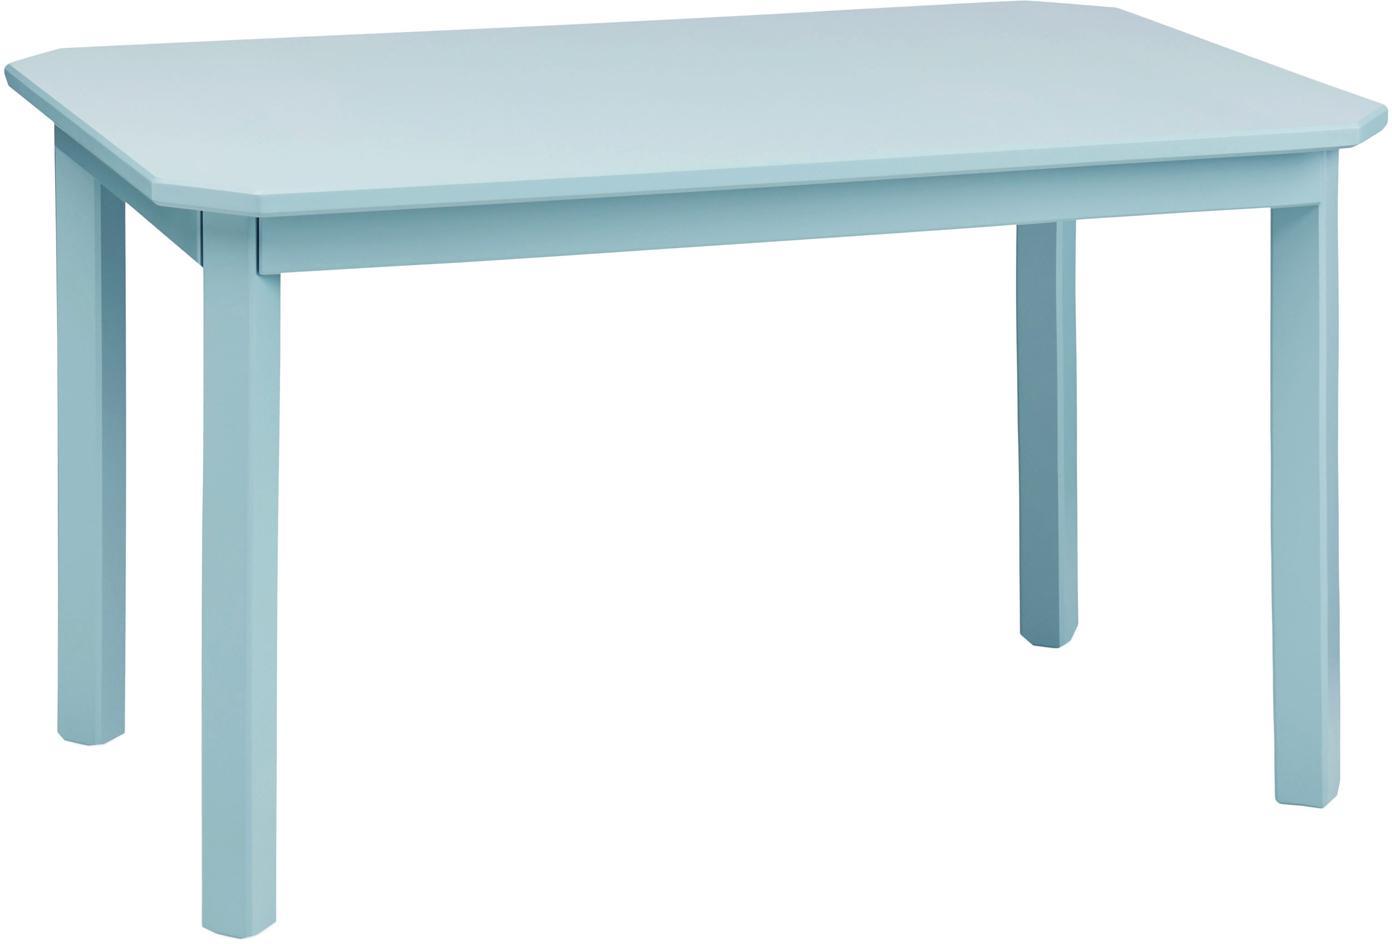 Tavolino per bambini Harlequin, Legno di betulla, pannelli di fibra a media densità (MDF), verniciato, Blu, Larg. 79 x Alt. 47 cm